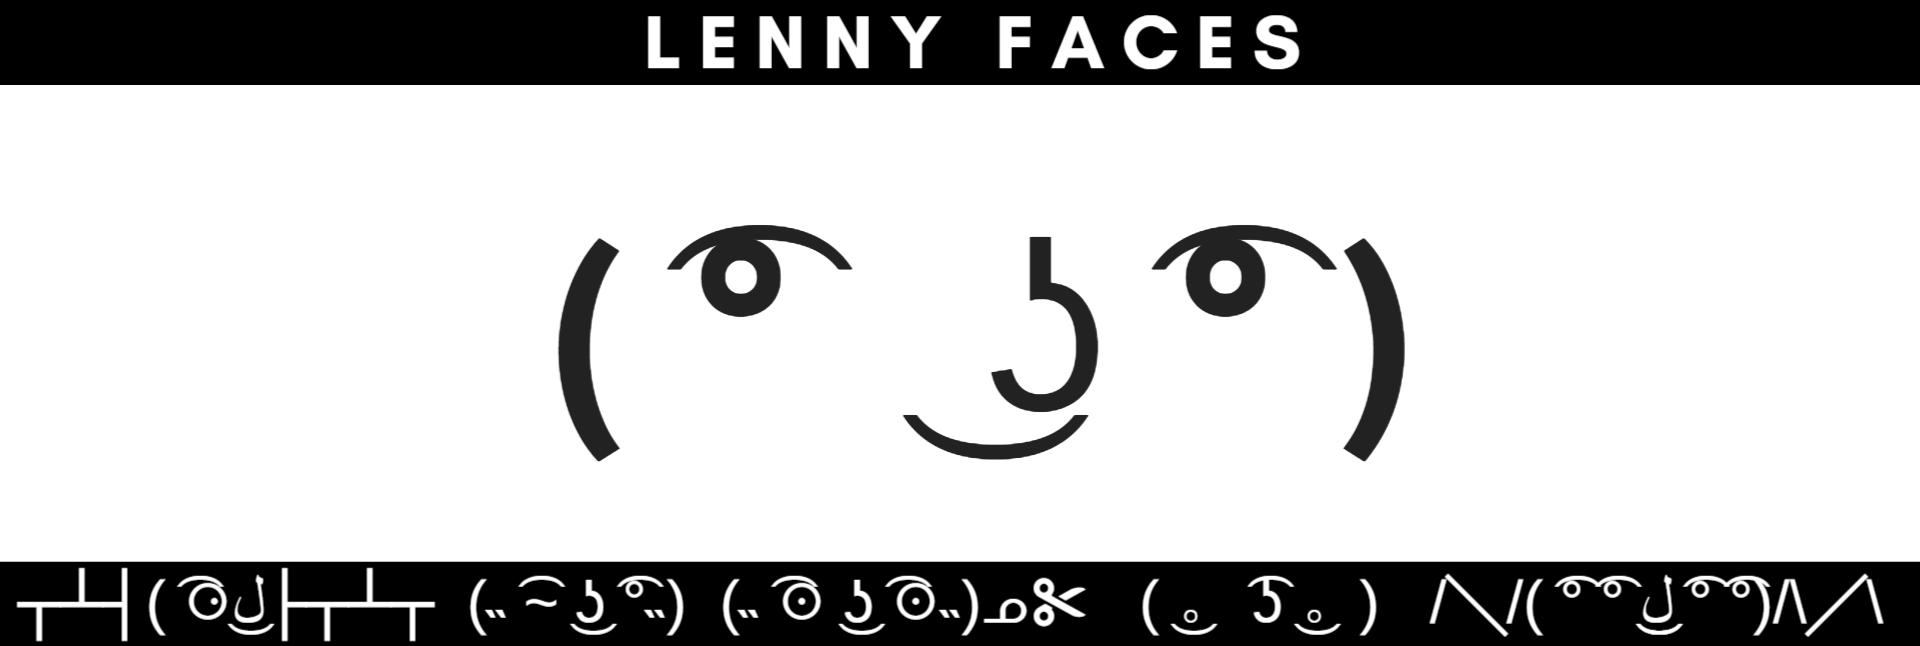 Lenny Face List